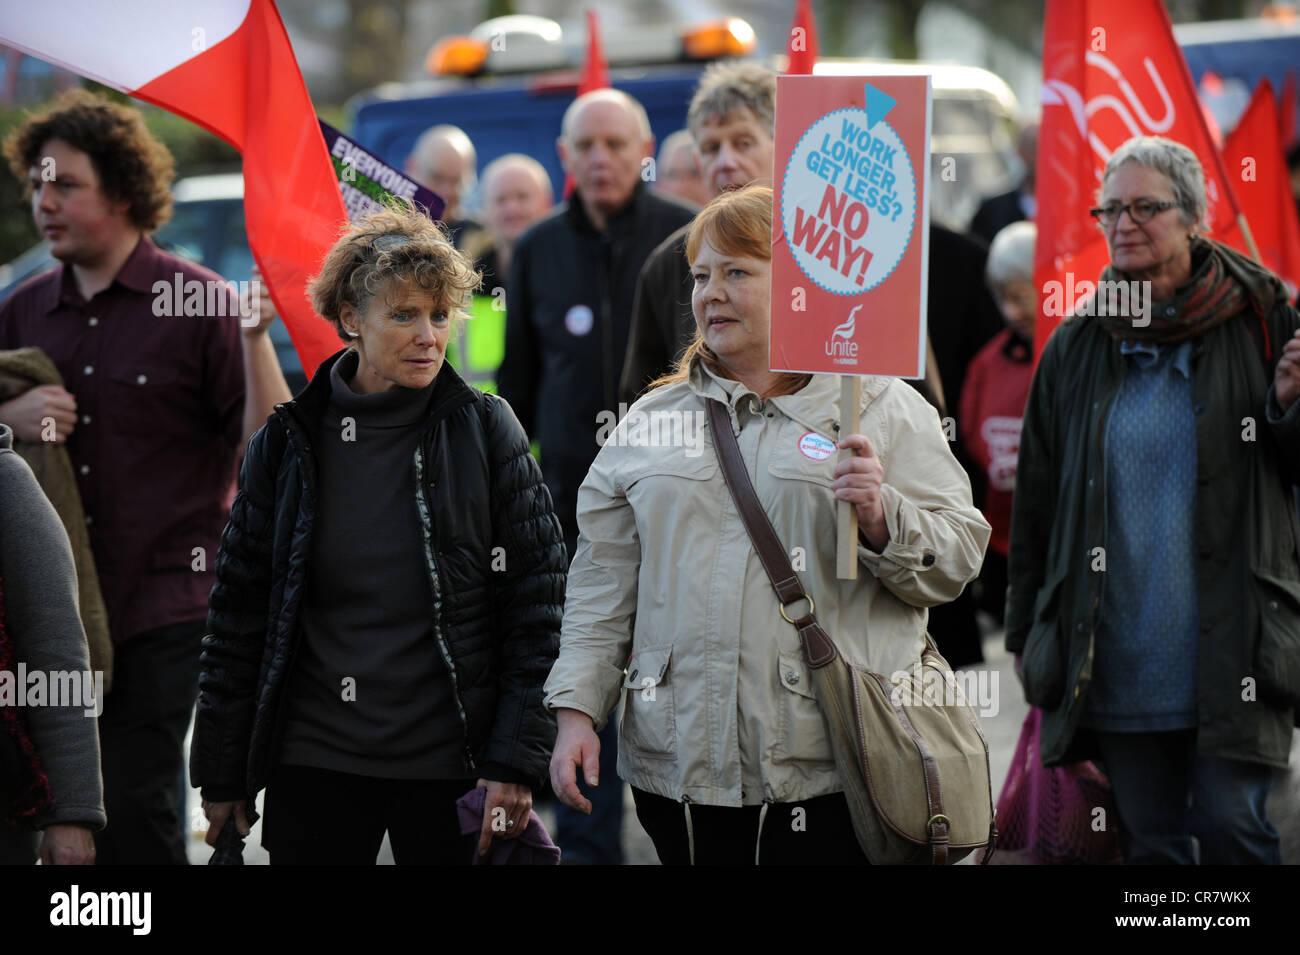 Los trabajadores del sector público tomando parte en un día de huelga para defender sus derechos de pensión la cabeza a un mitin en el nivel en Brighton Foto de stock